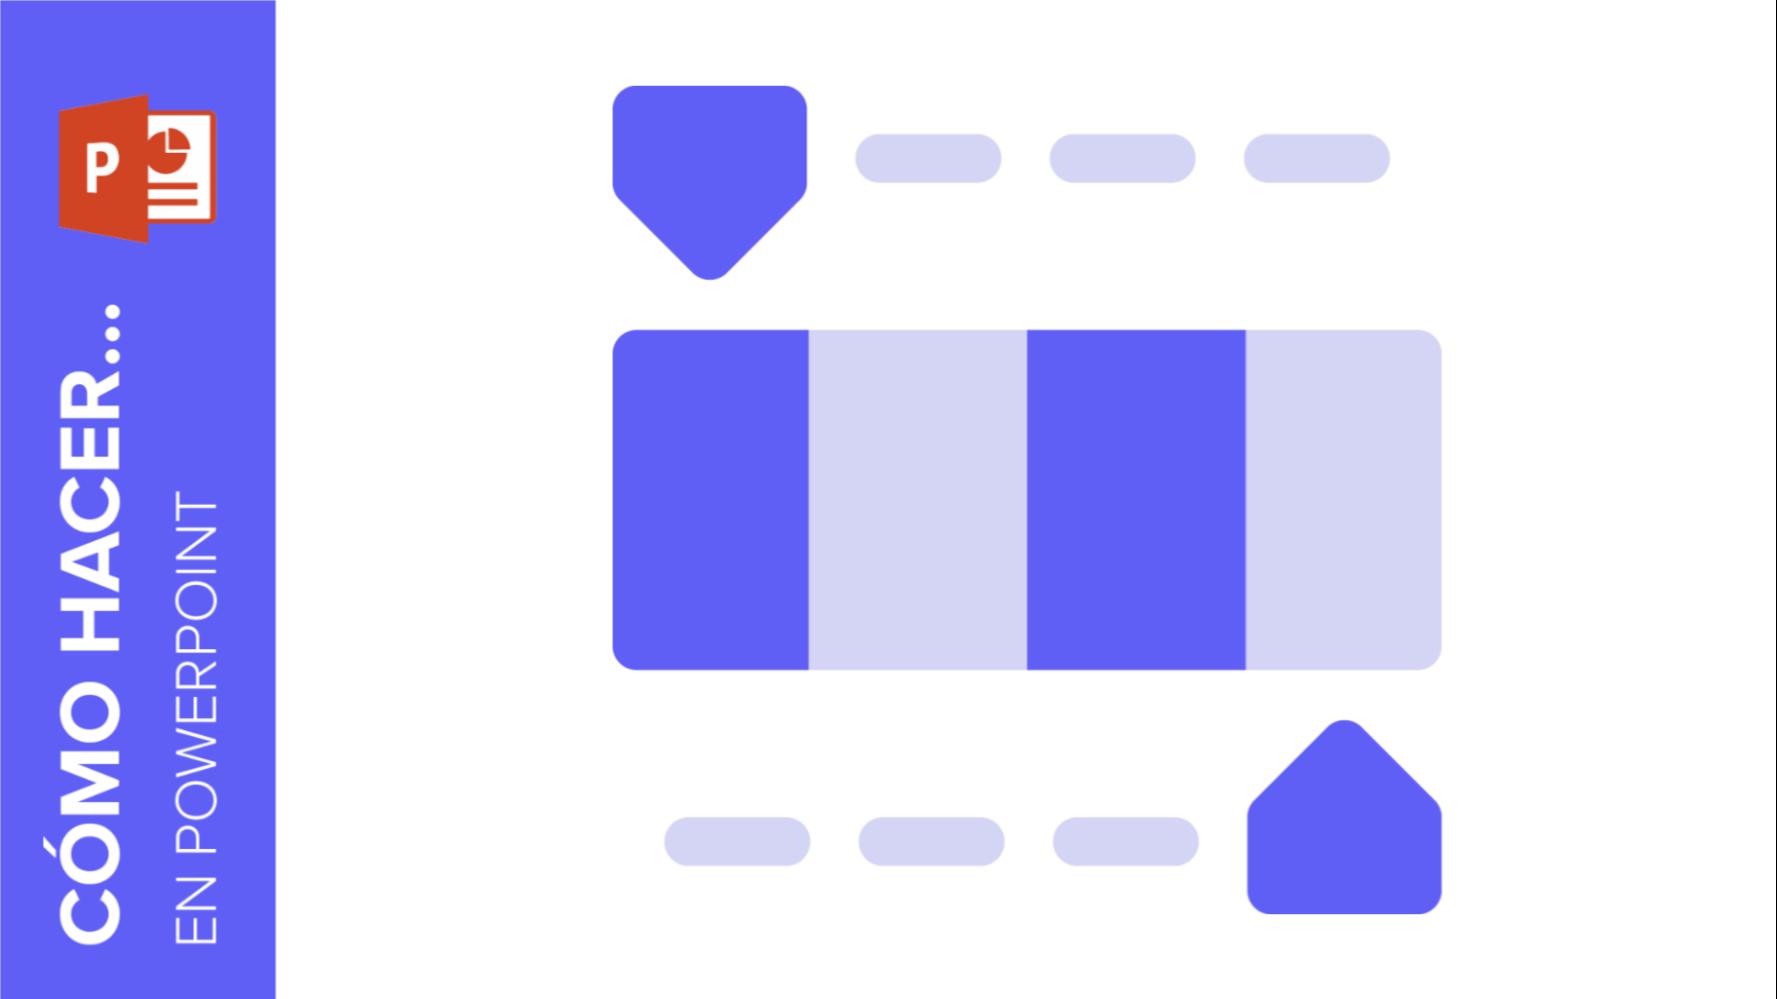 Cómo cambiar los colores en una presentación de PowerPoint | Tutoriales y Tips para tus presentaciones